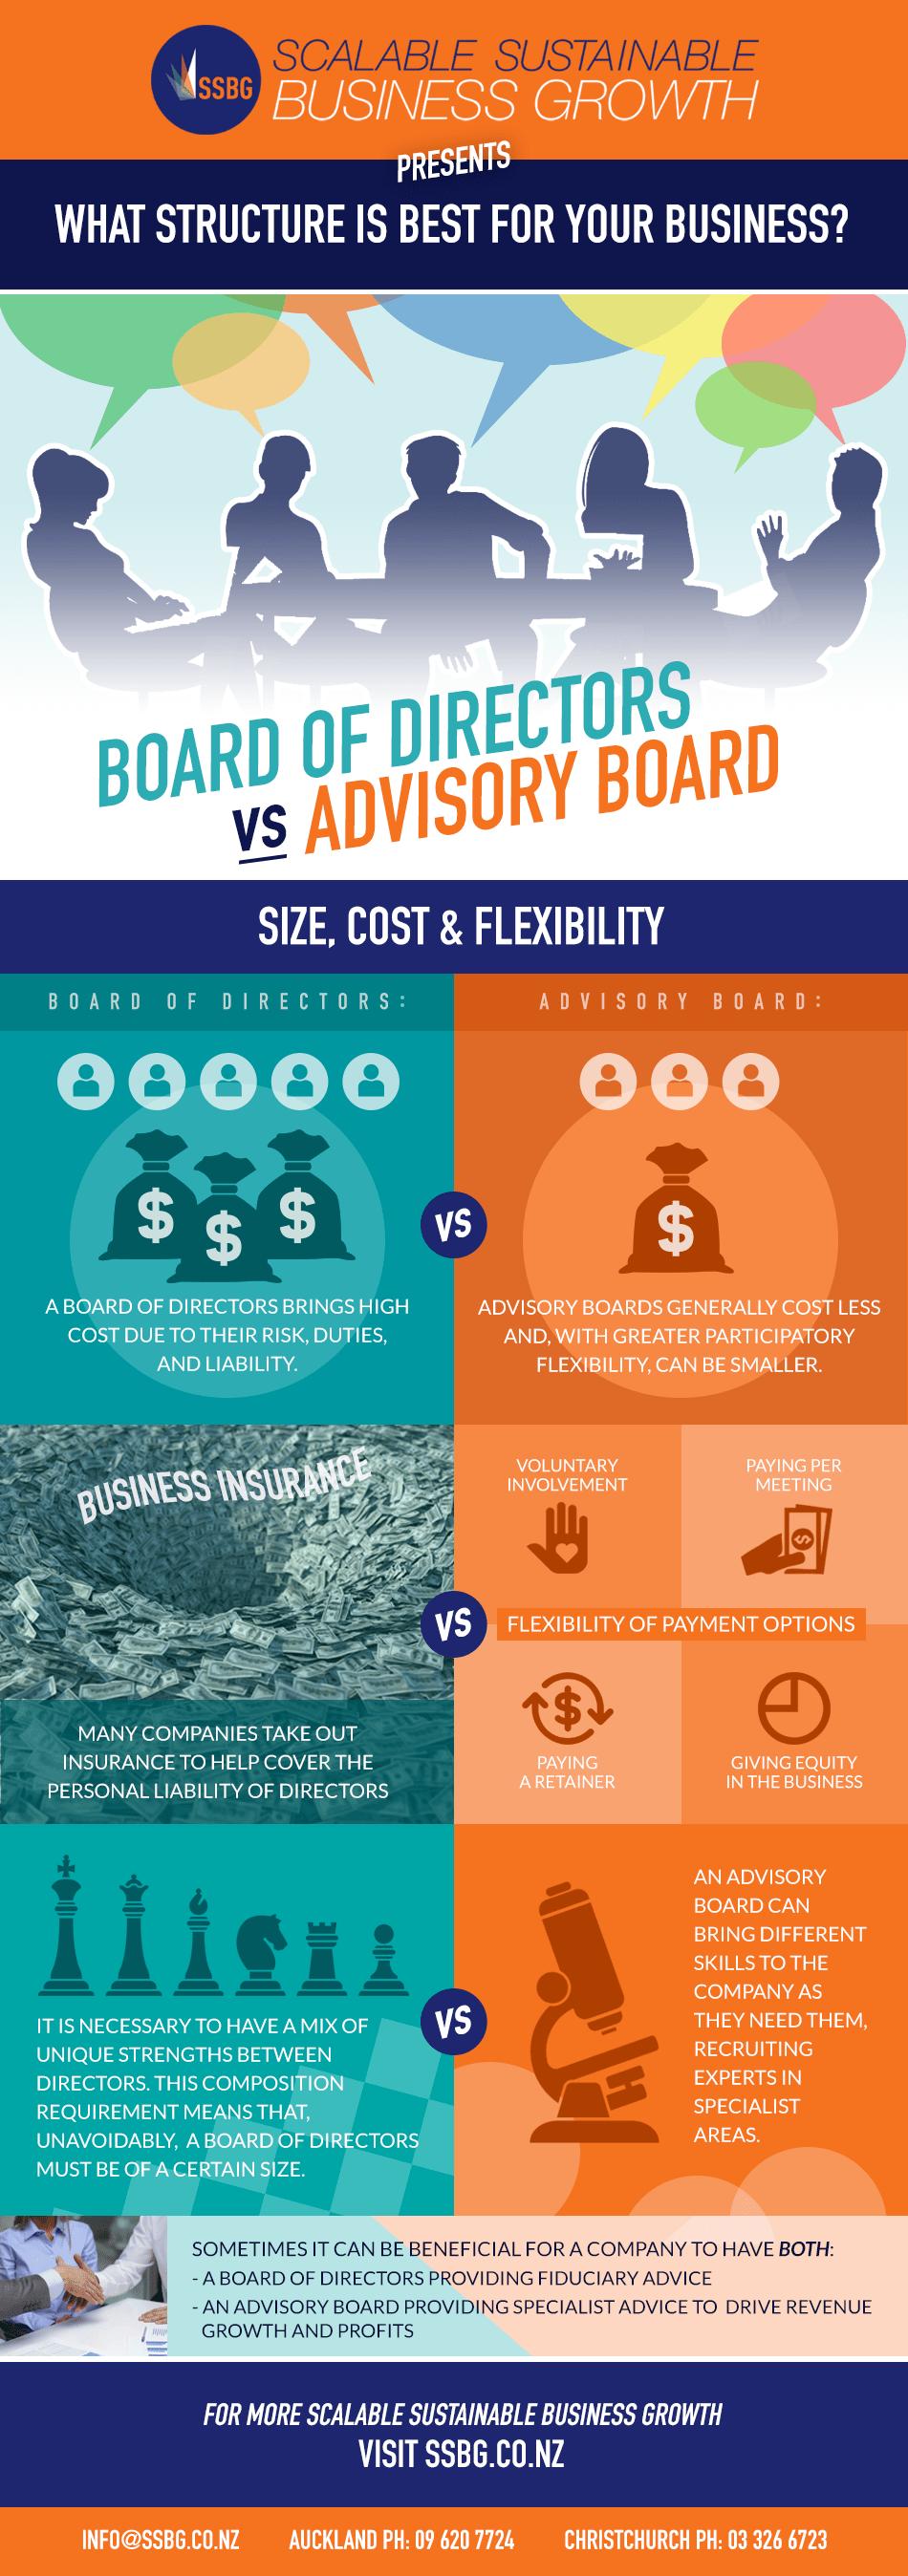 Board of Directors vs Advisory Board Infographic